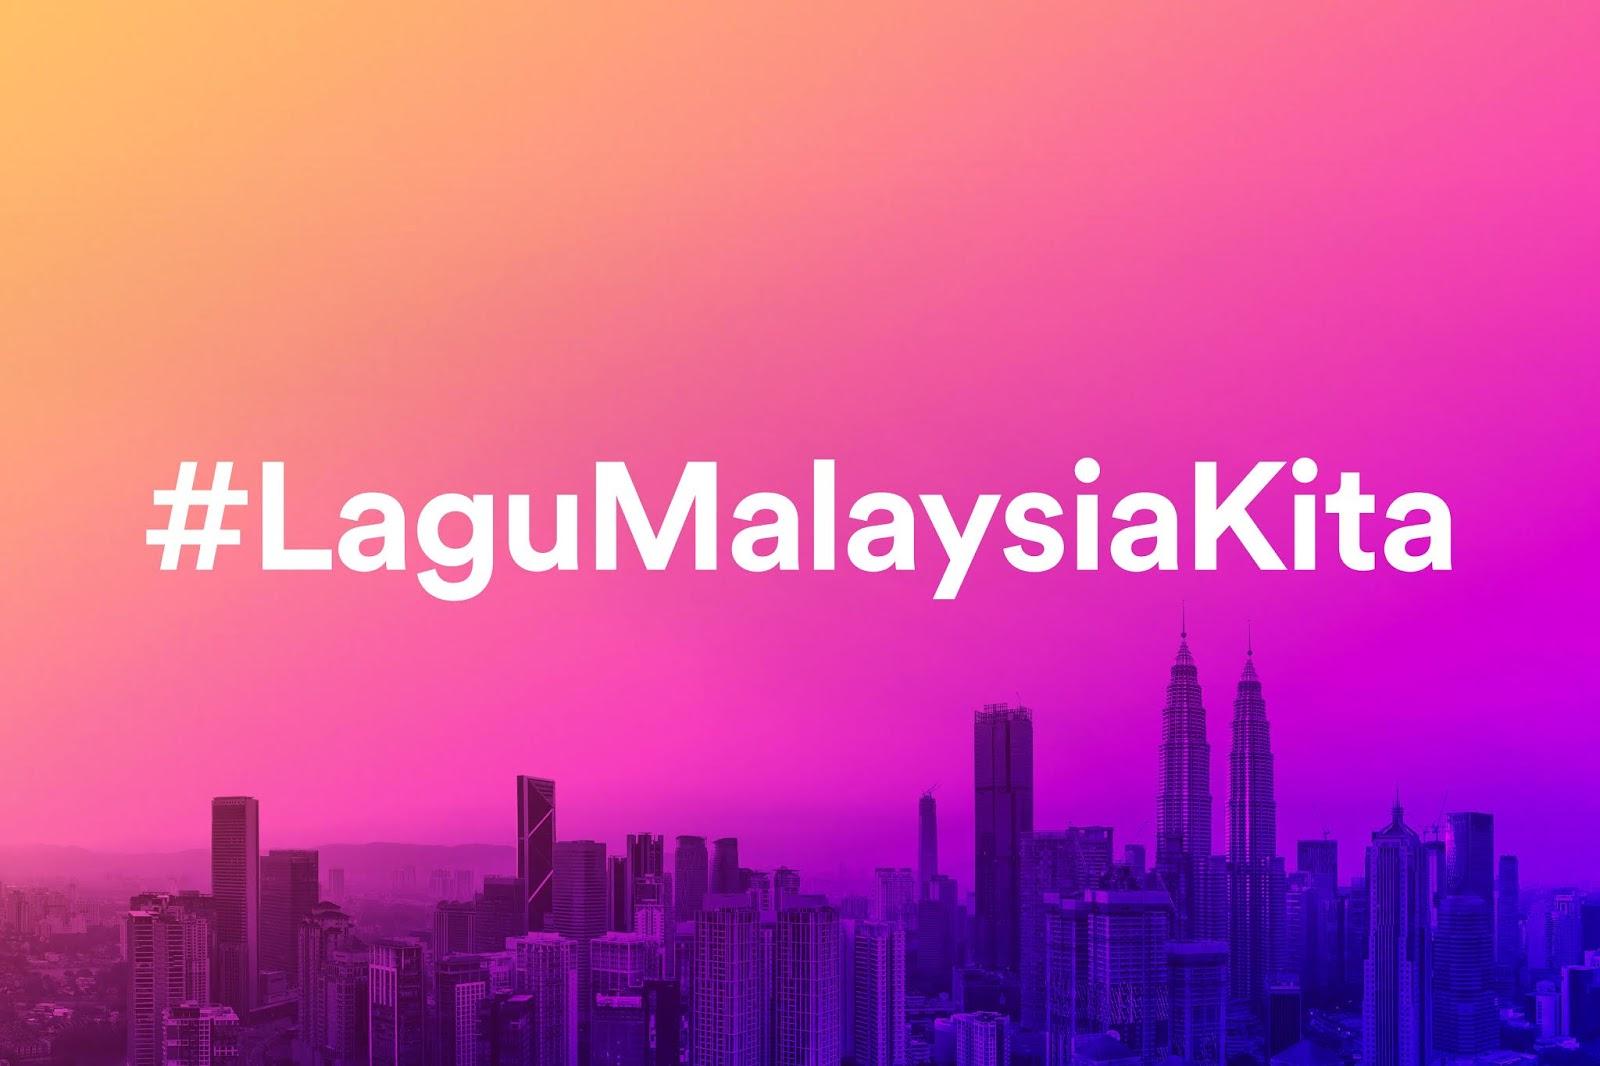 MUSIC, MUSIC STREAMING, MUZIK, SPOTIFY, SPOTIFY MALAYSIA,